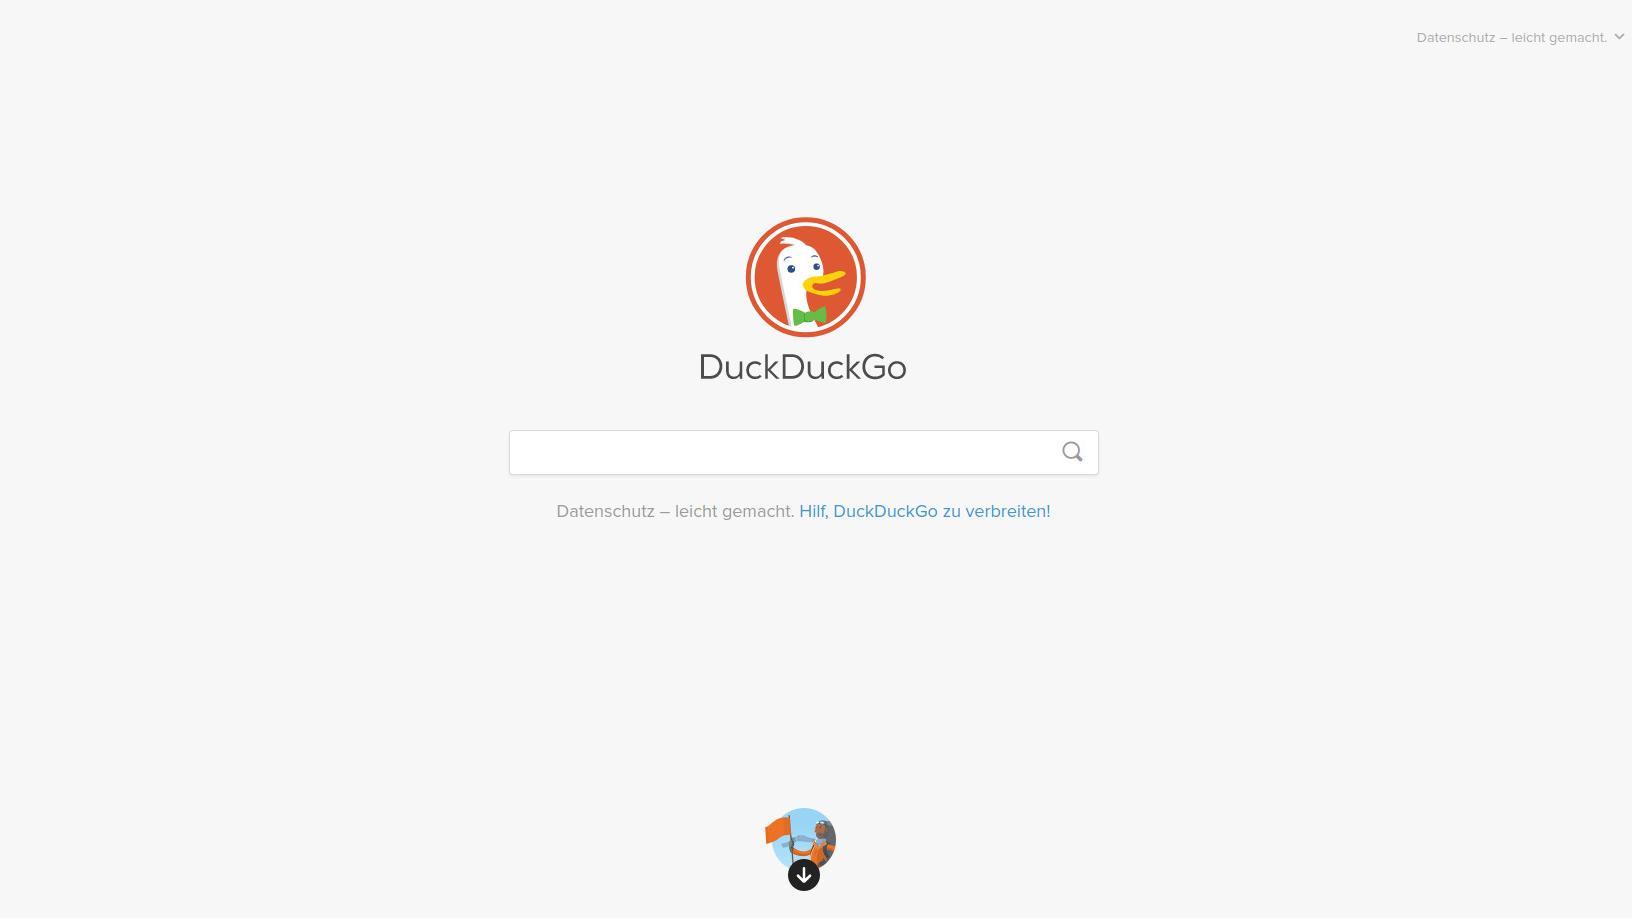 Mit DuckDuckGo erhalten Sie eine alternative Suchmaschine, die Wert auf Datenschutz und Privatsphäre legt.